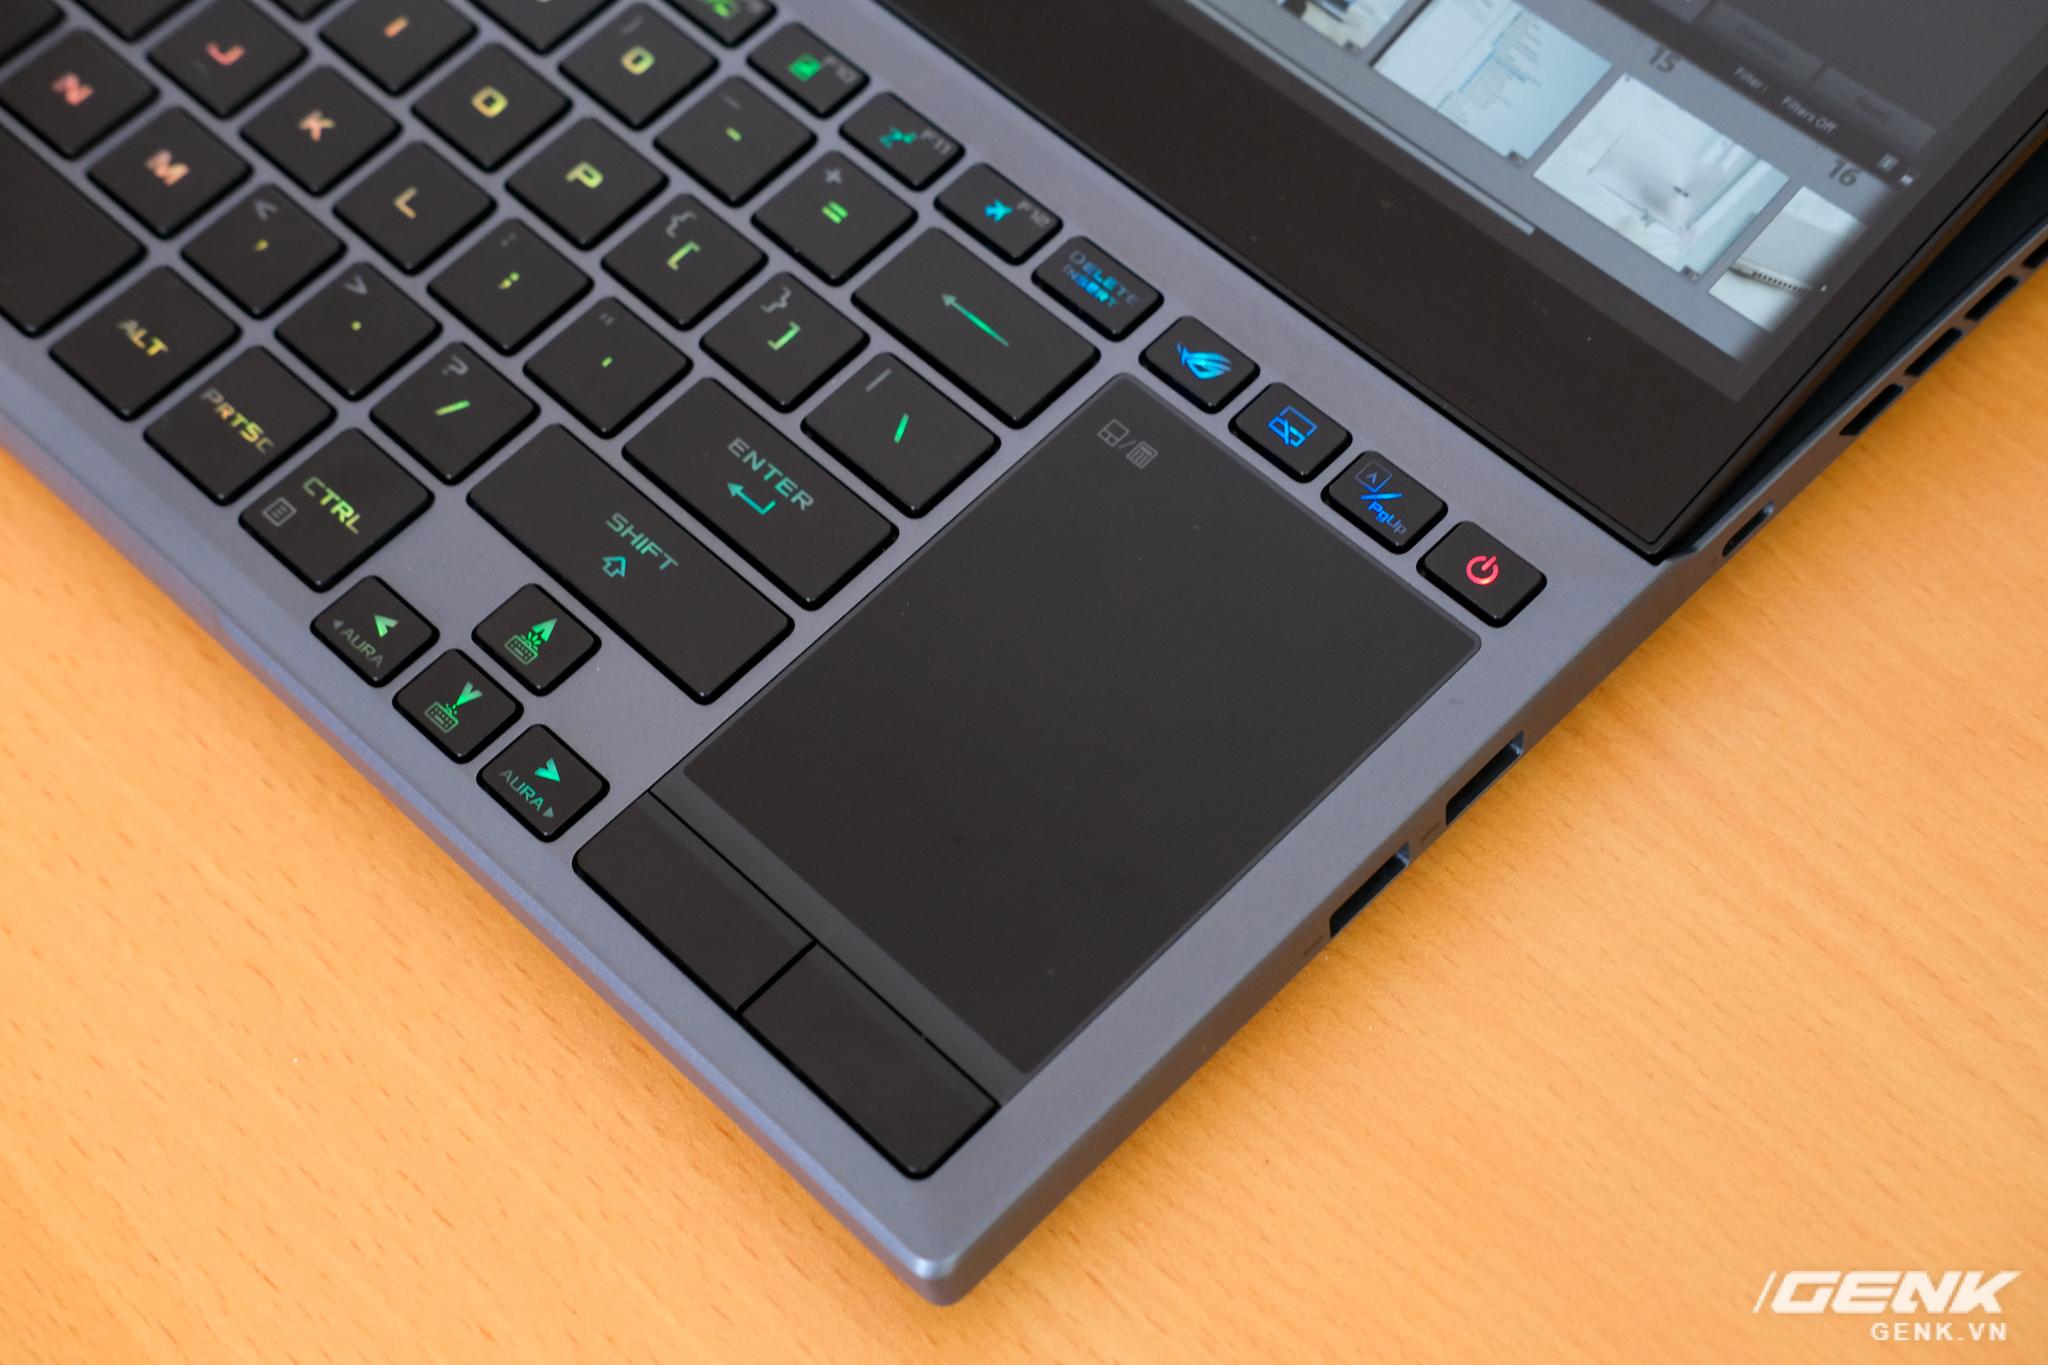 Cận cảnh laptop hai màn hình ROG Zephyrus Duo 15: Không gian hiển thị 2 x 4K đã mắt, cấu hình khủng long, chơi game đã hơn, giá cũng hoảng hơn - Ảnh 7.